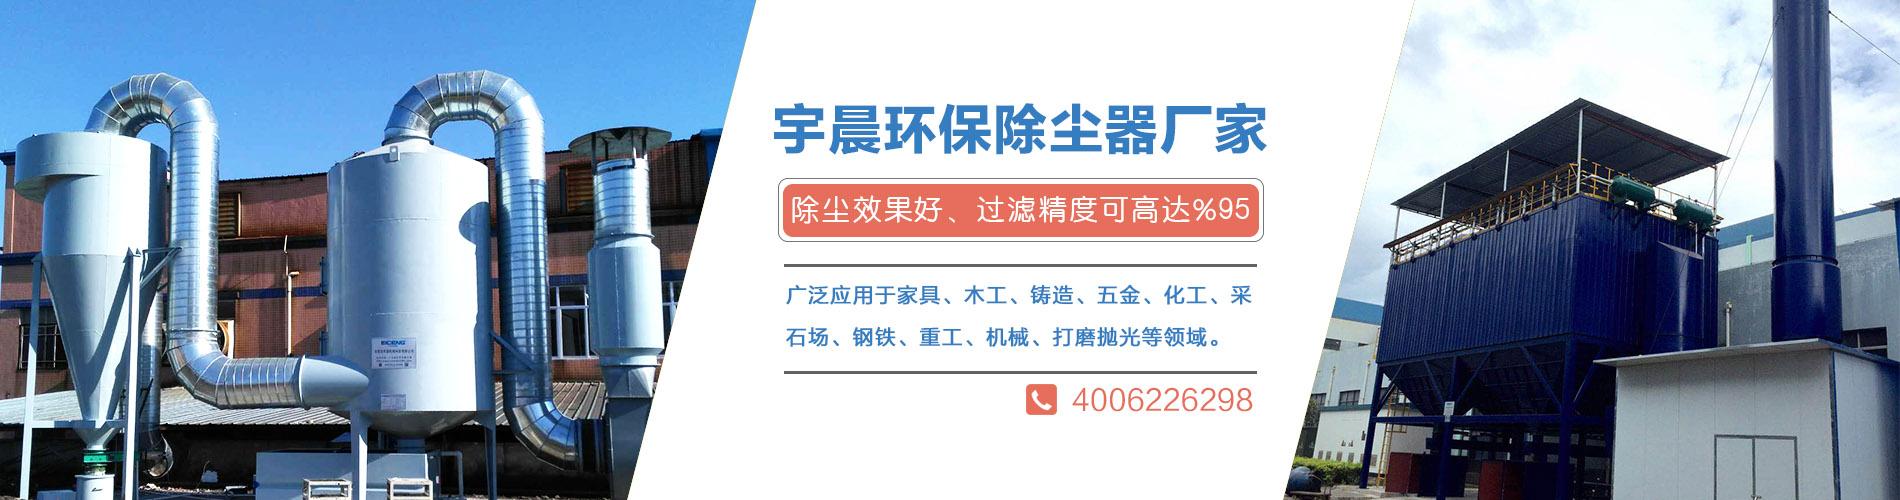 家庭乱码伦区中文字幕在线_